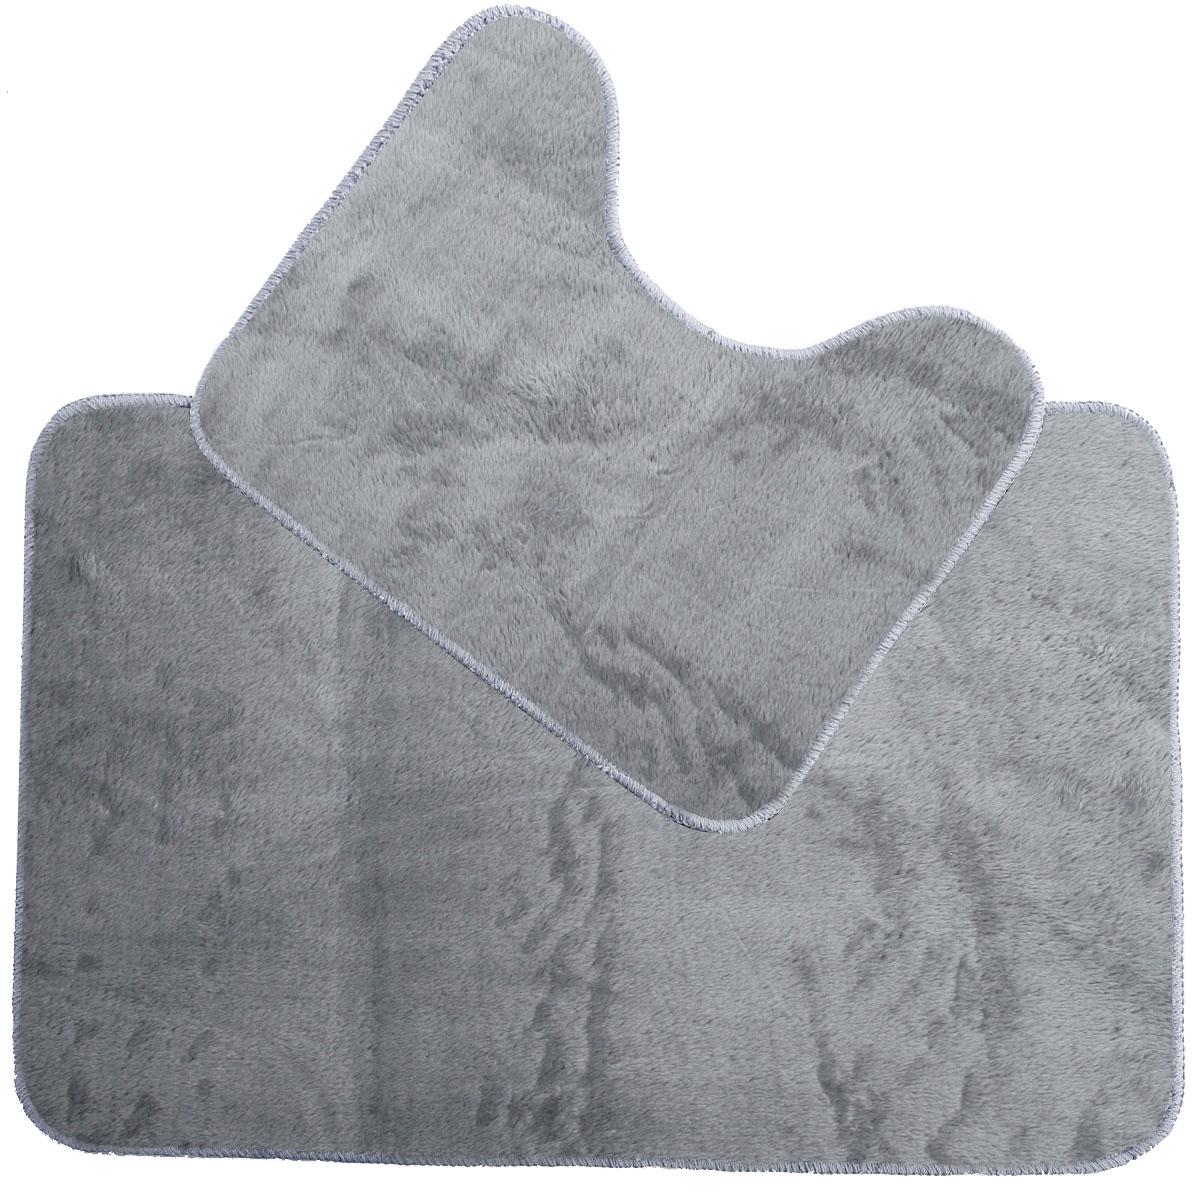 2er set grau badvorleger badematte badteppich badezimmer. Black Bedroom Furniture Sets. Home Design Ideas